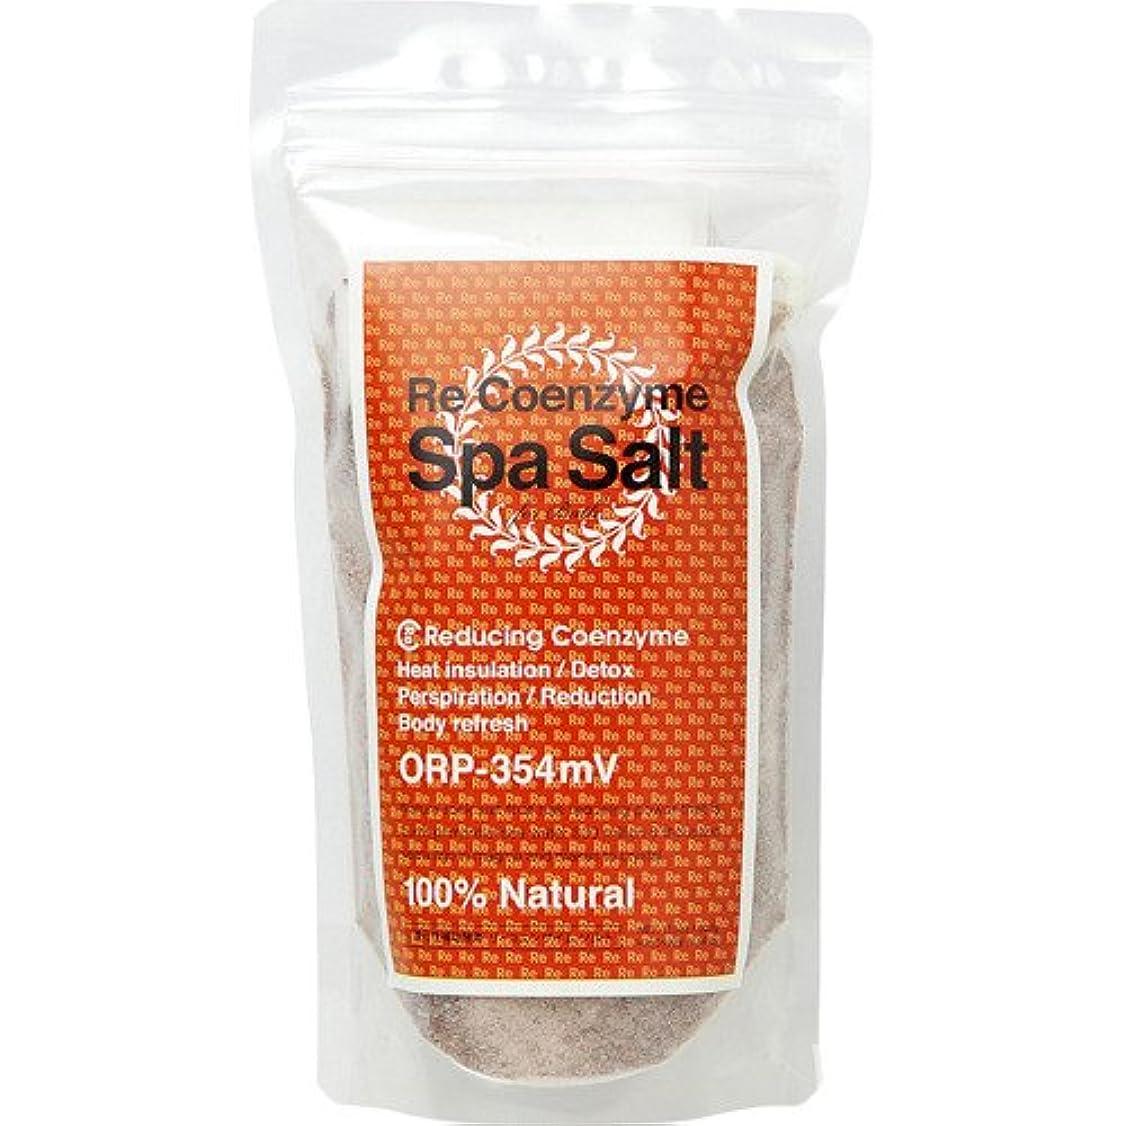 倉庫小包スペードリコエンザイム スパスルト 500g